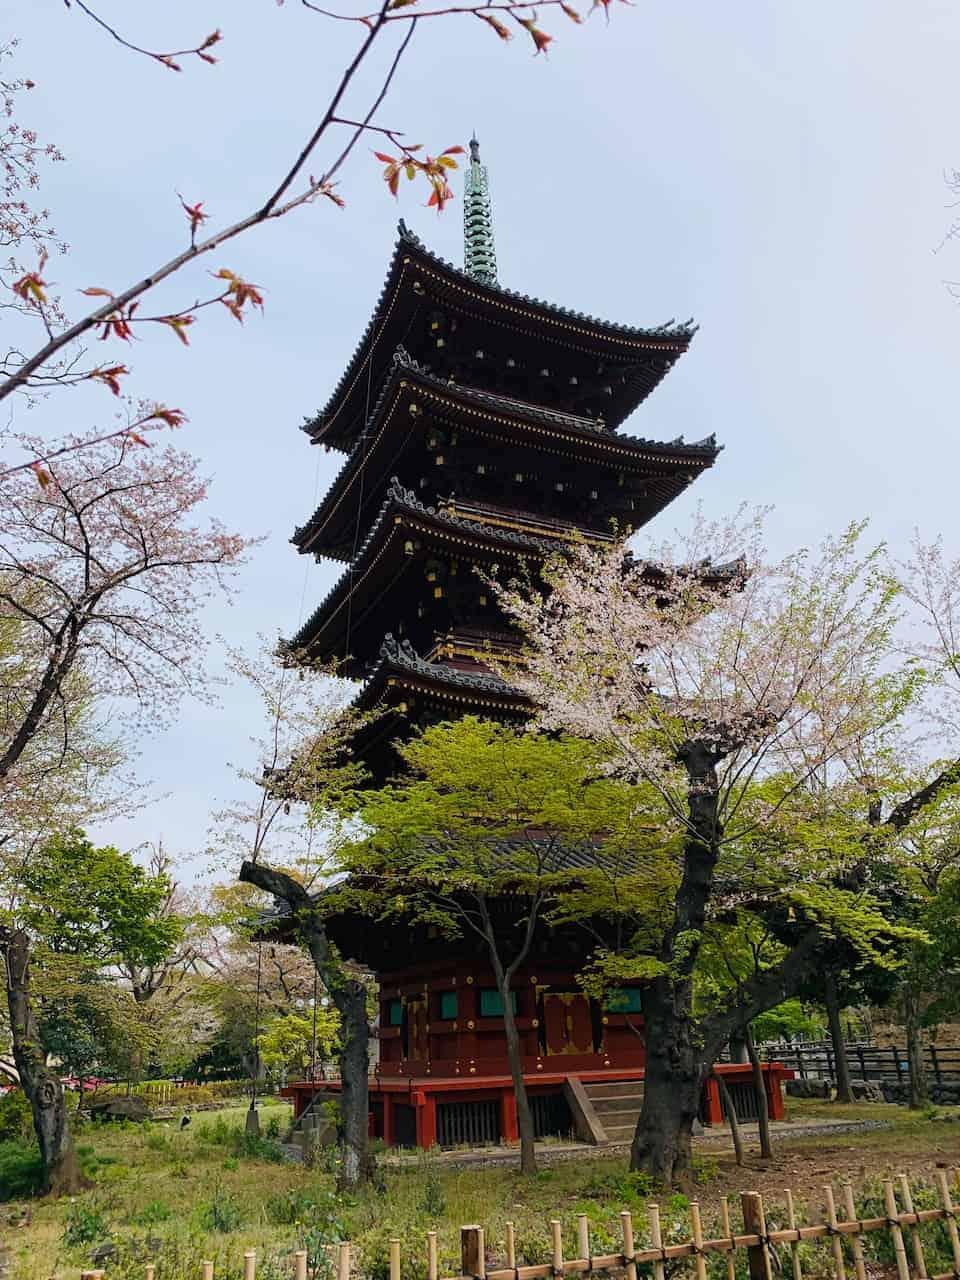 Ueno Park Pagoda